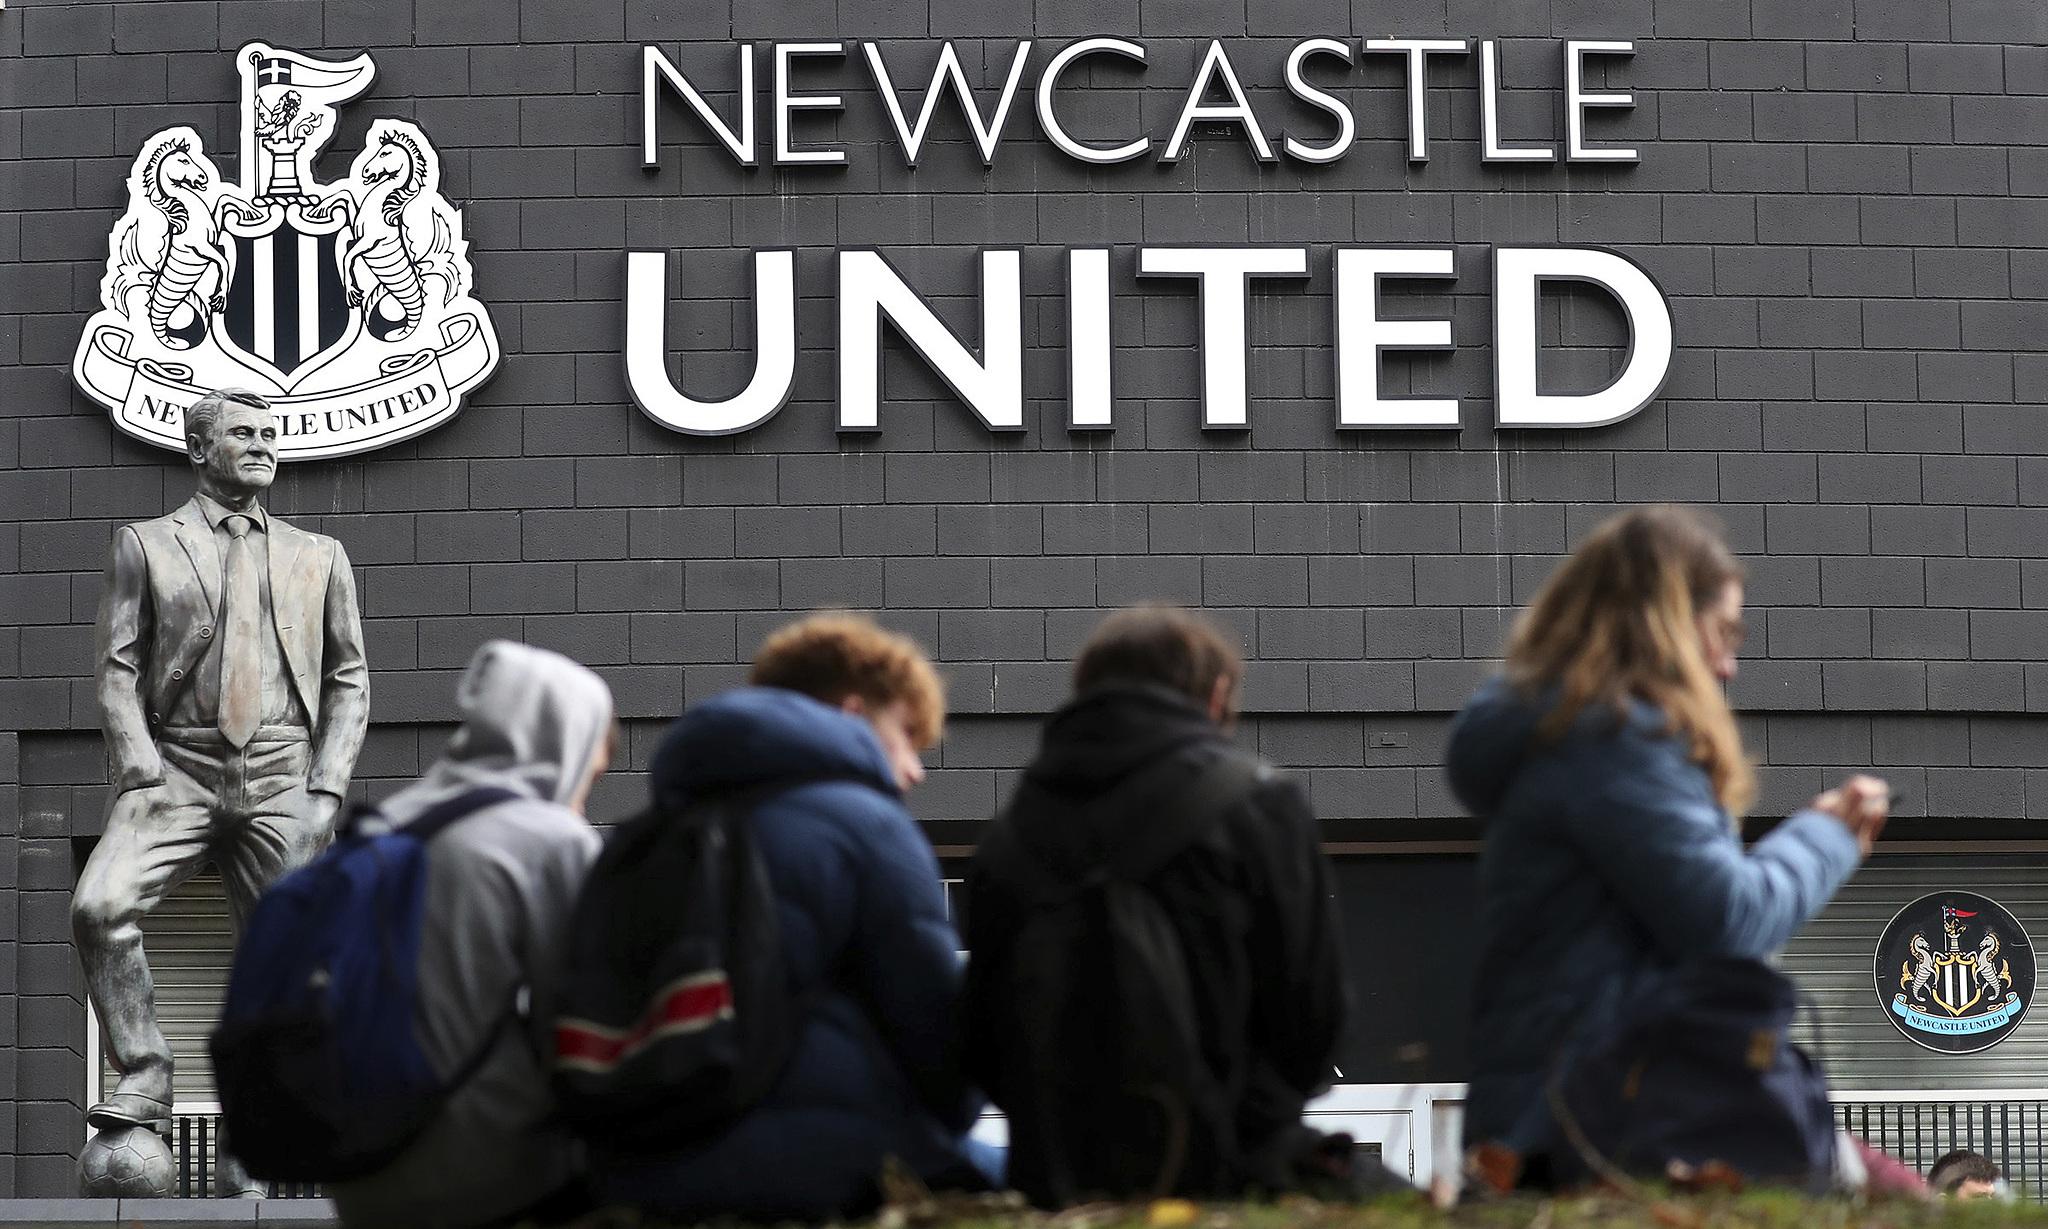 Việc Saudi Arabia mua lại Newcastle sẽ ảnh hướng đến sự áp đảo của top 6 Ngoại hạng Anh, ít nhất là về doanh thu trong những năm tới. Ảnh: AP